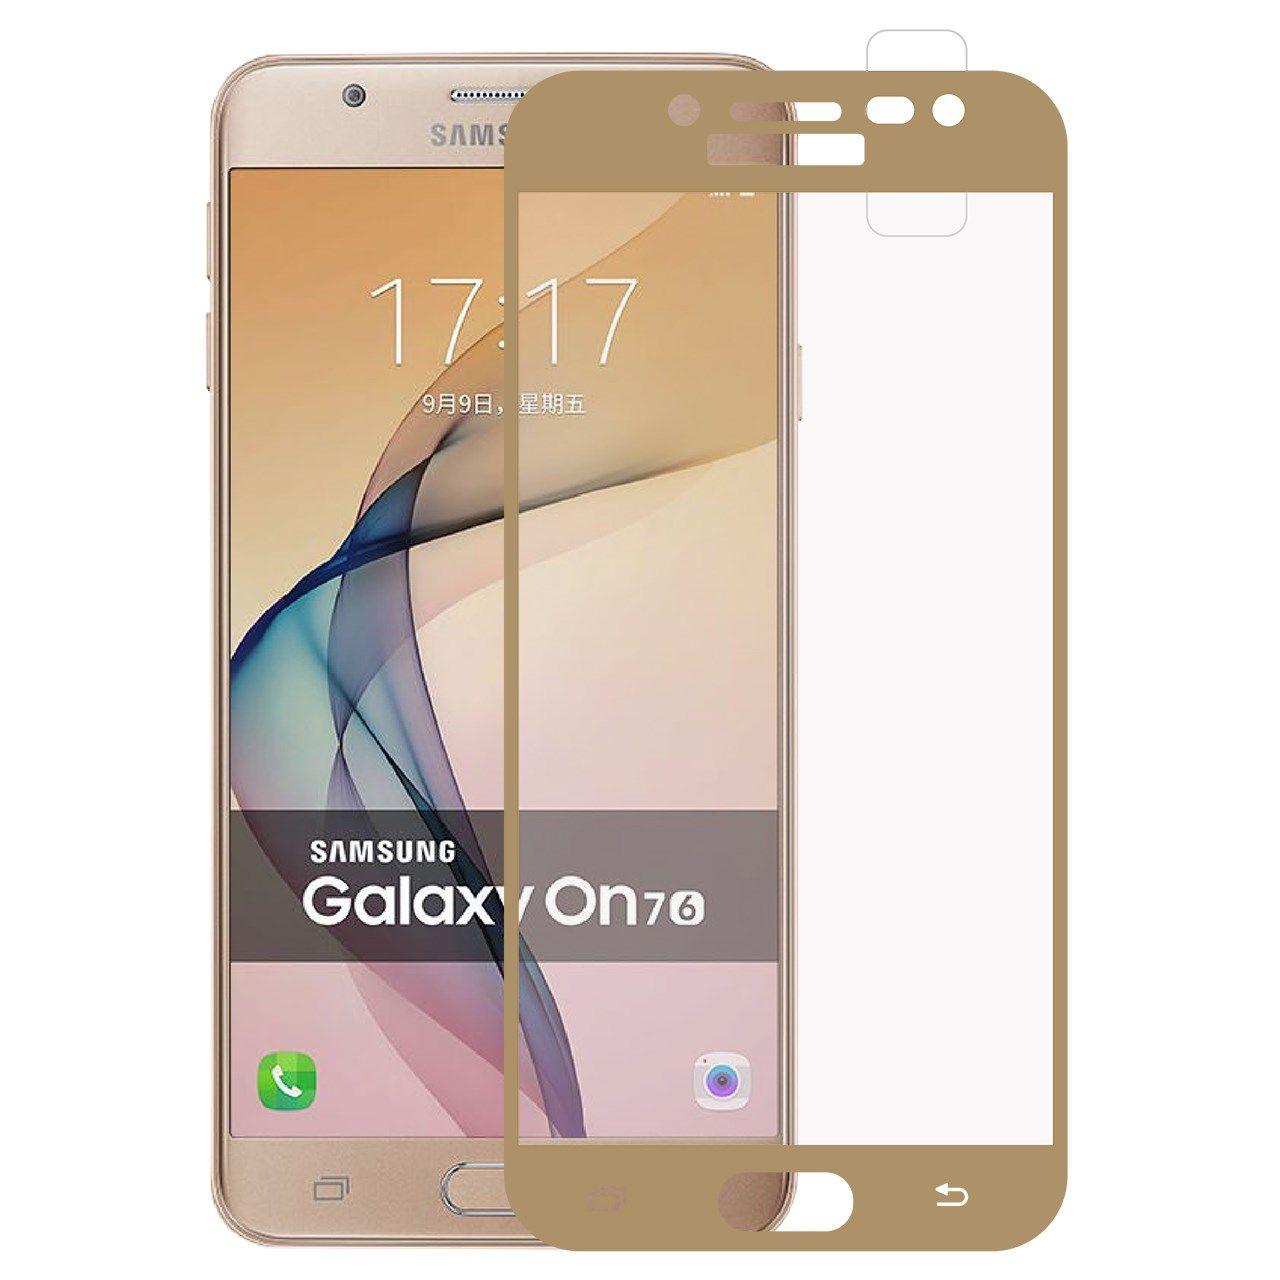 محافظ صفحه نمایش موکول مدل Full Cover 3D Curve مناسب برای گوشی موبایل سامسونگ گلکسی J5 Prime